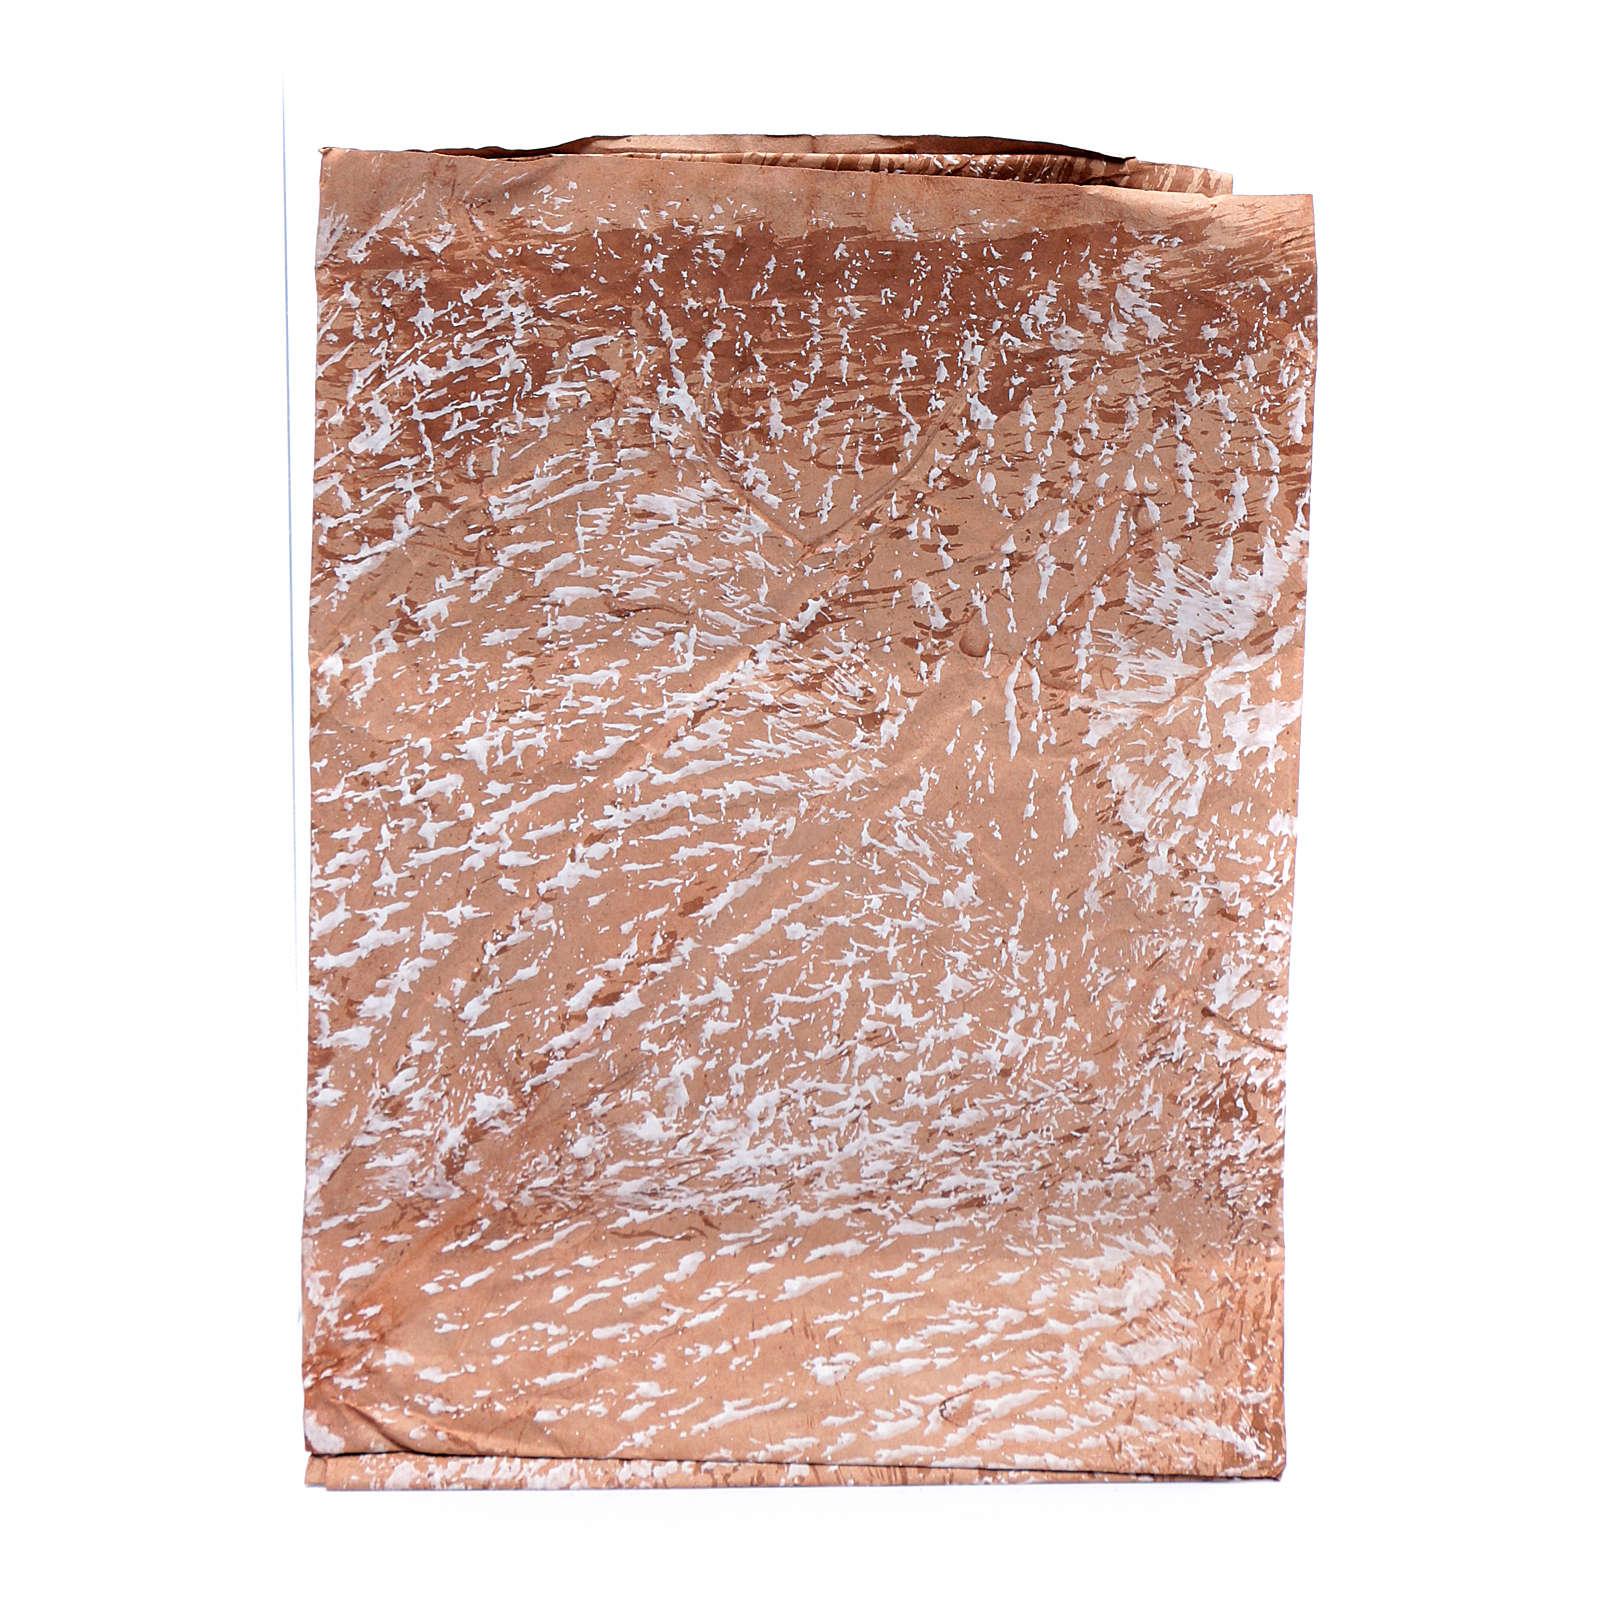 DIY nativity scene paper 70x100 cm brown for rocks 4